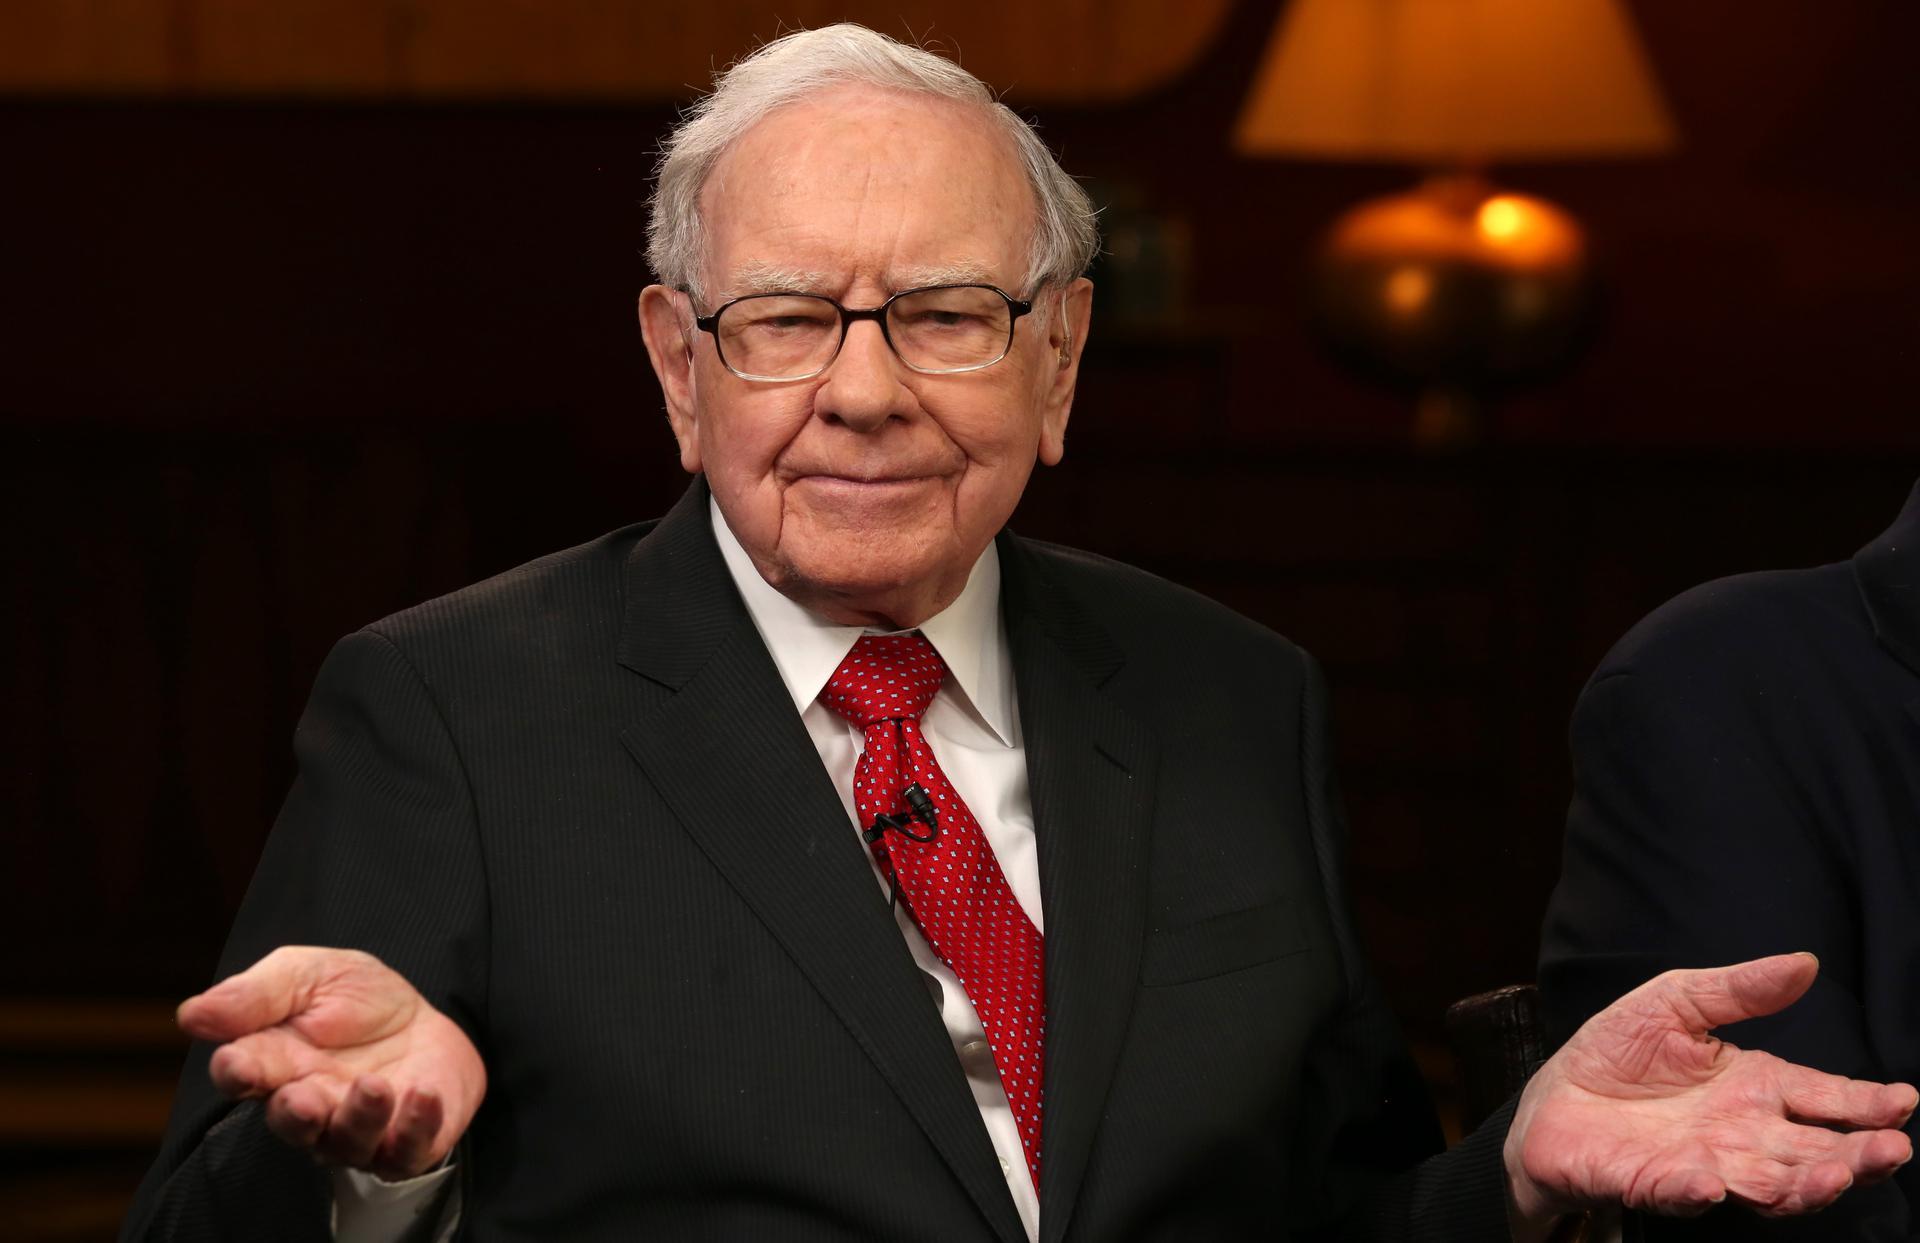 Warren Buffett in 2019. Photo: Gerard Miller | CNBC